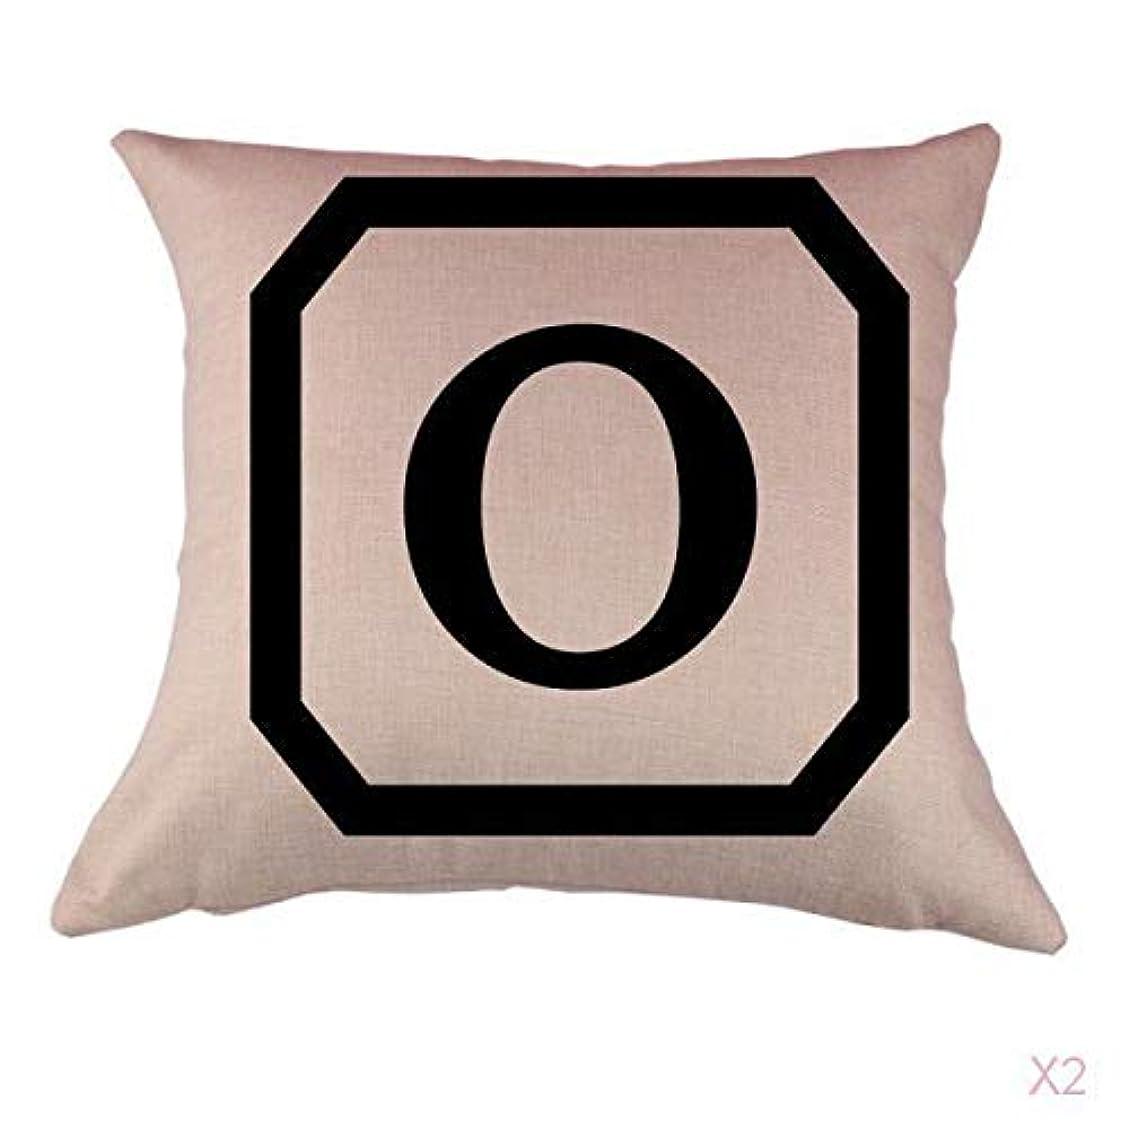 汚染する誓約剃るコットンリネンスロー枕カバークッションカバー家の装飾、初期アルファベットのO